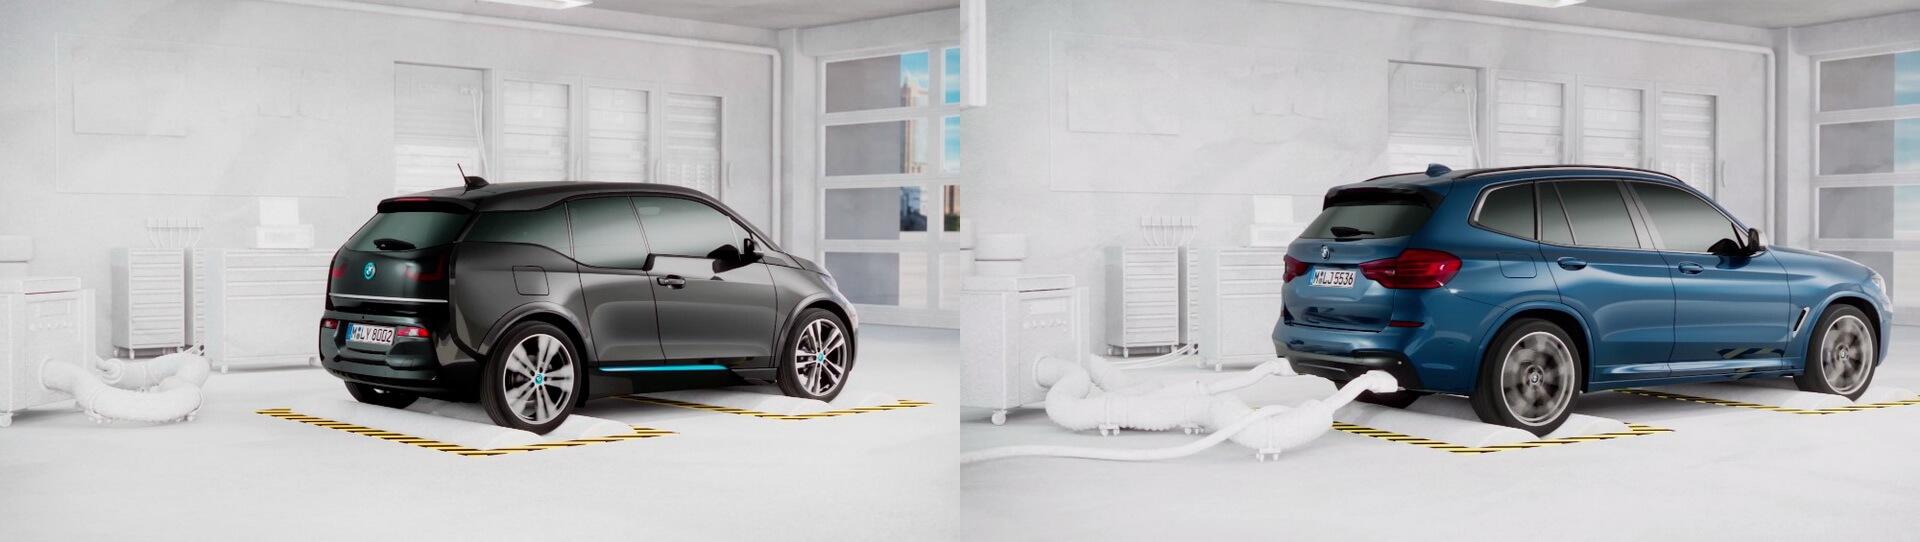 Цикл WLTP применим как для автомобилей с ДВС, так и для электрокаров